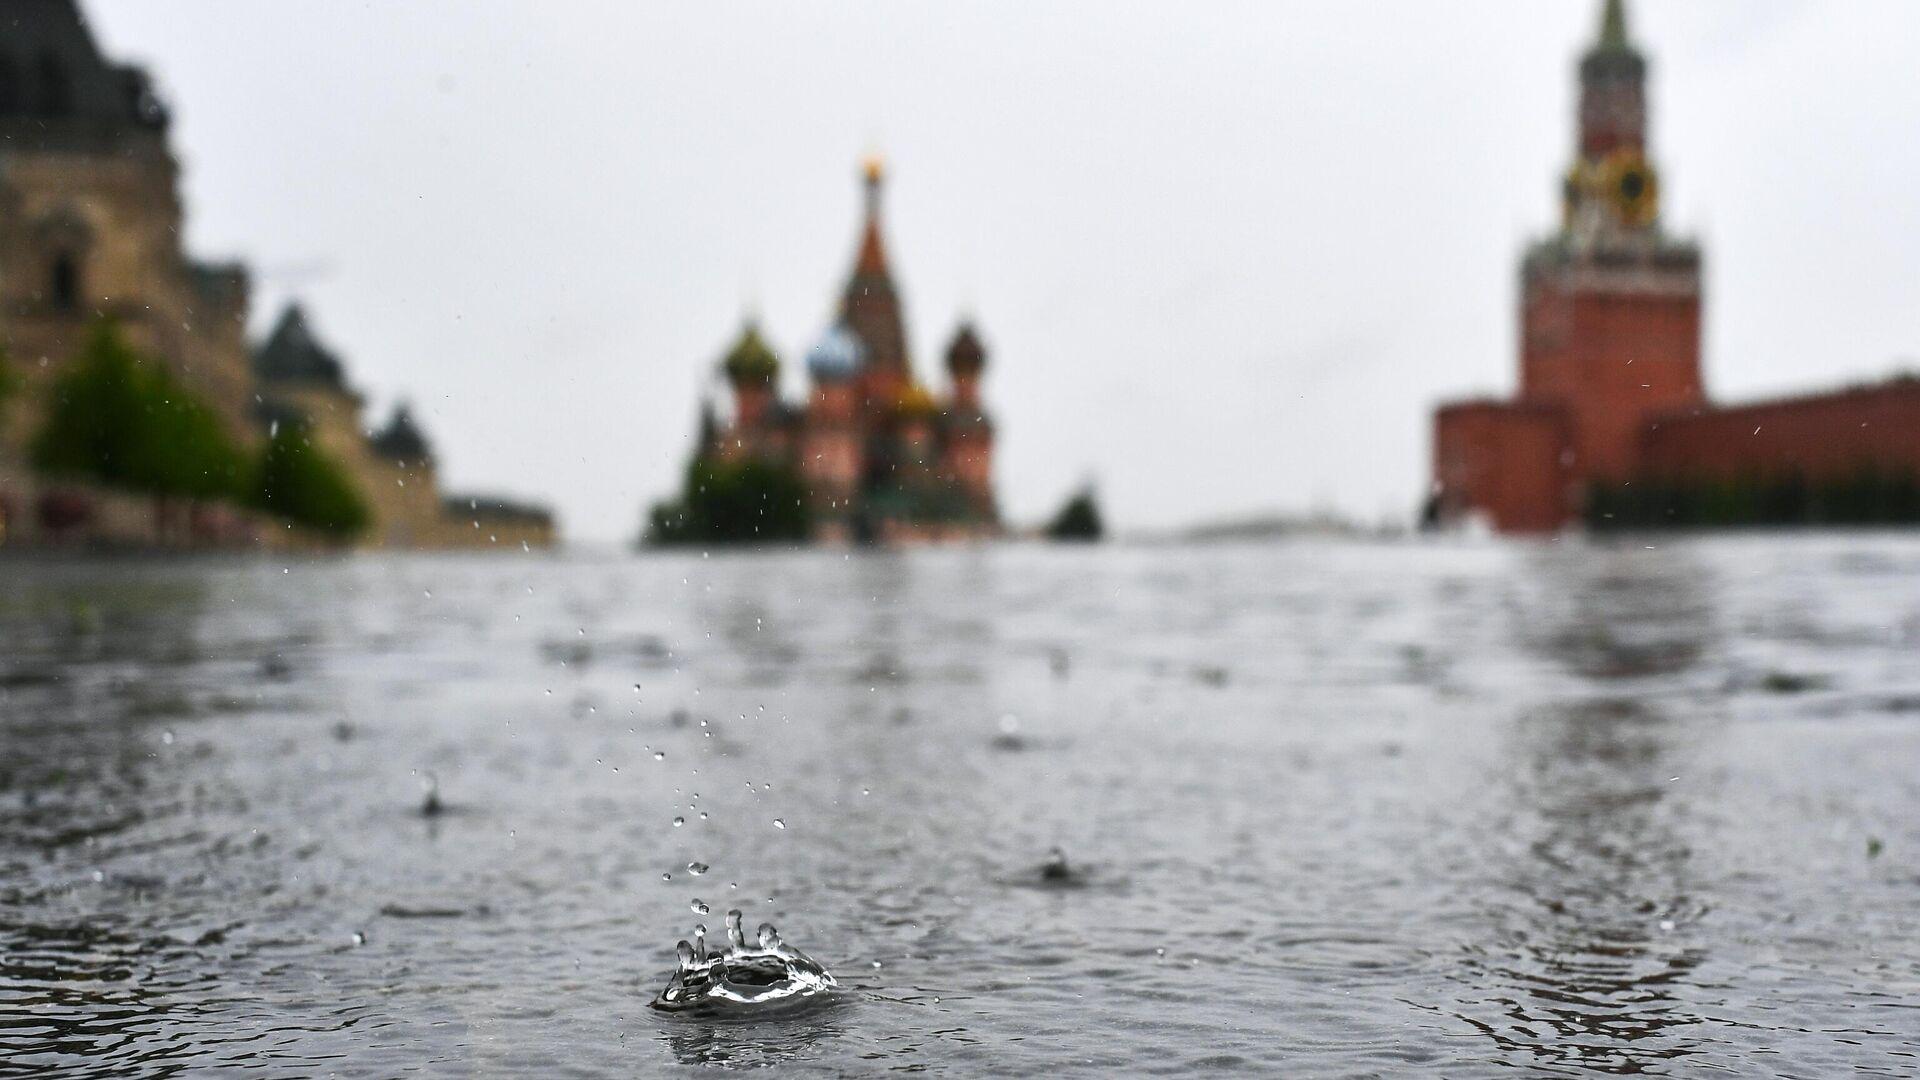 Дождь в Москве - РИА Новости, 1920, 08.05.2021